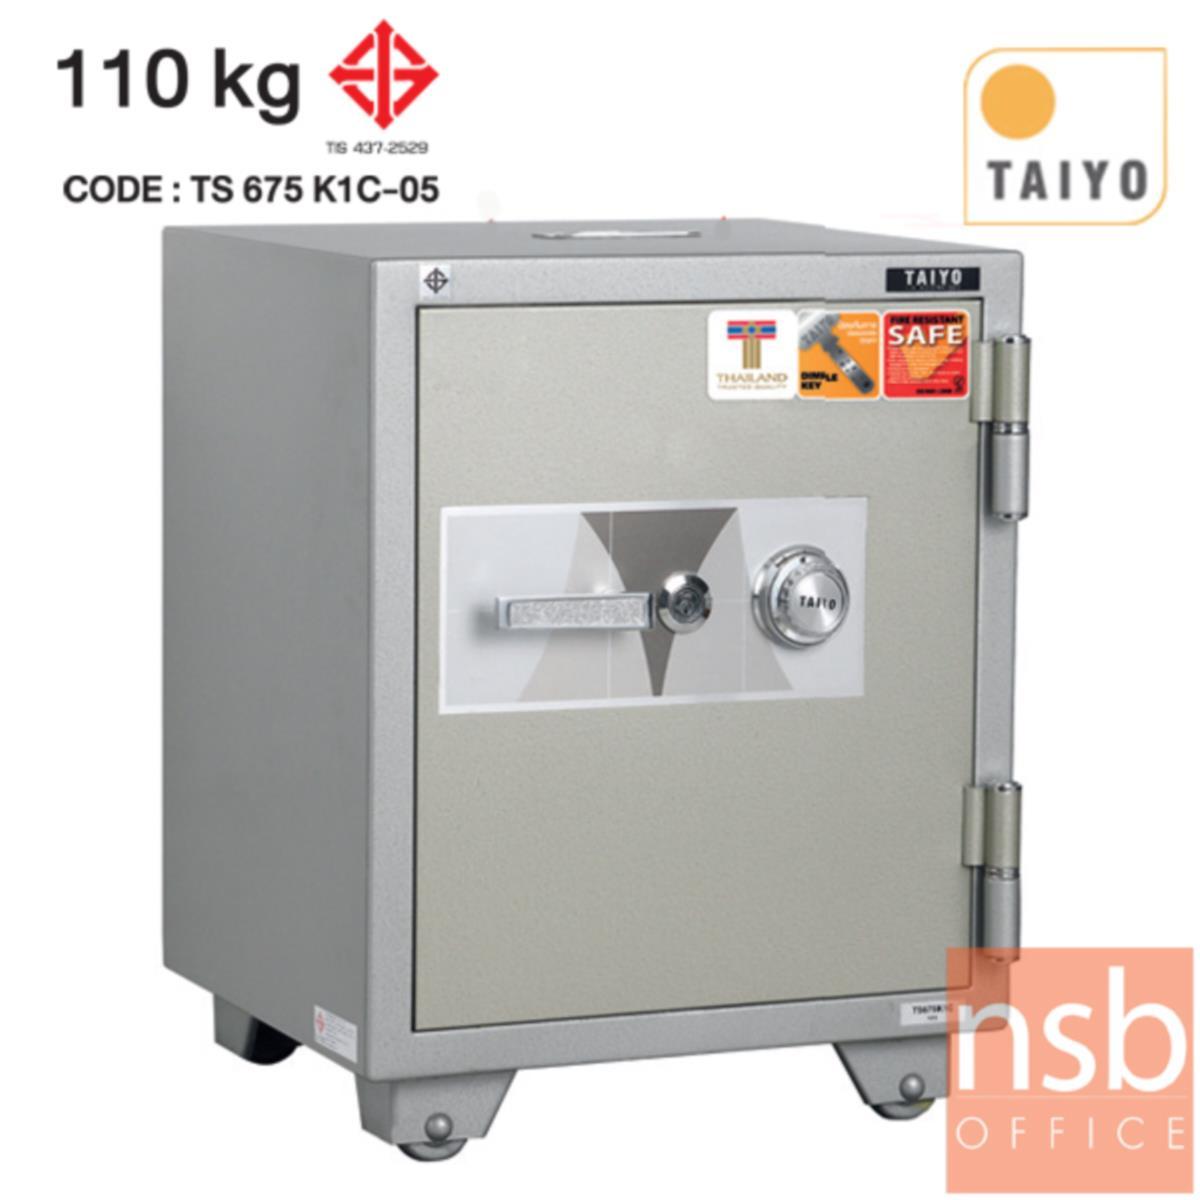 ตู้เซฟ TAIYO 110 กก. 1 กุญแจ 1 รหัส   (TS 675 K1C มอก)